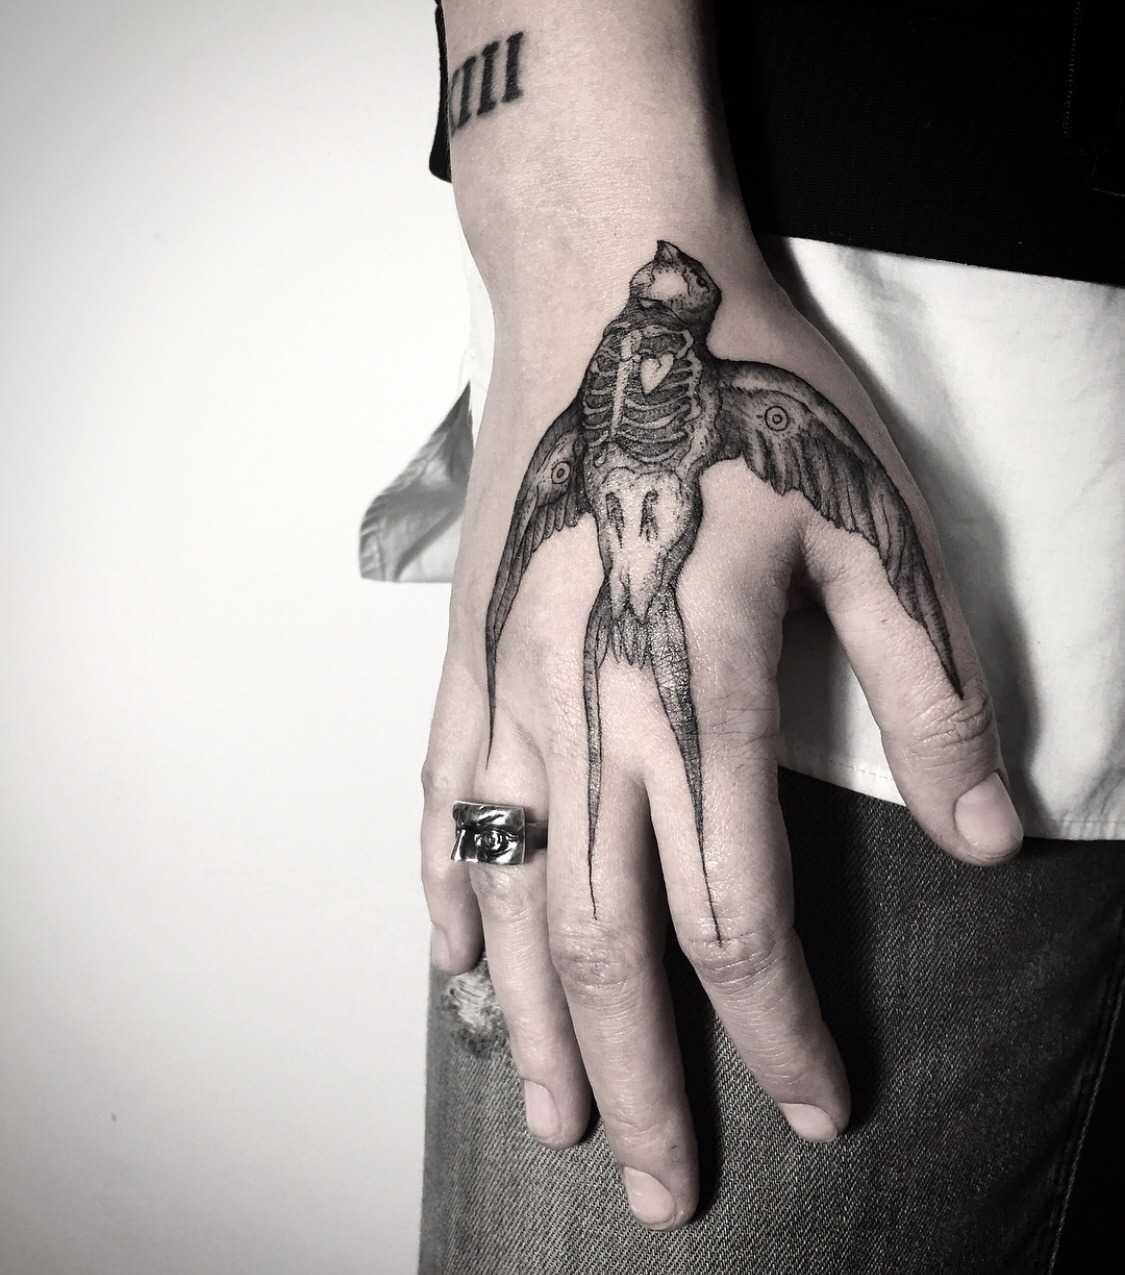 Dead bird tattoo on the hand